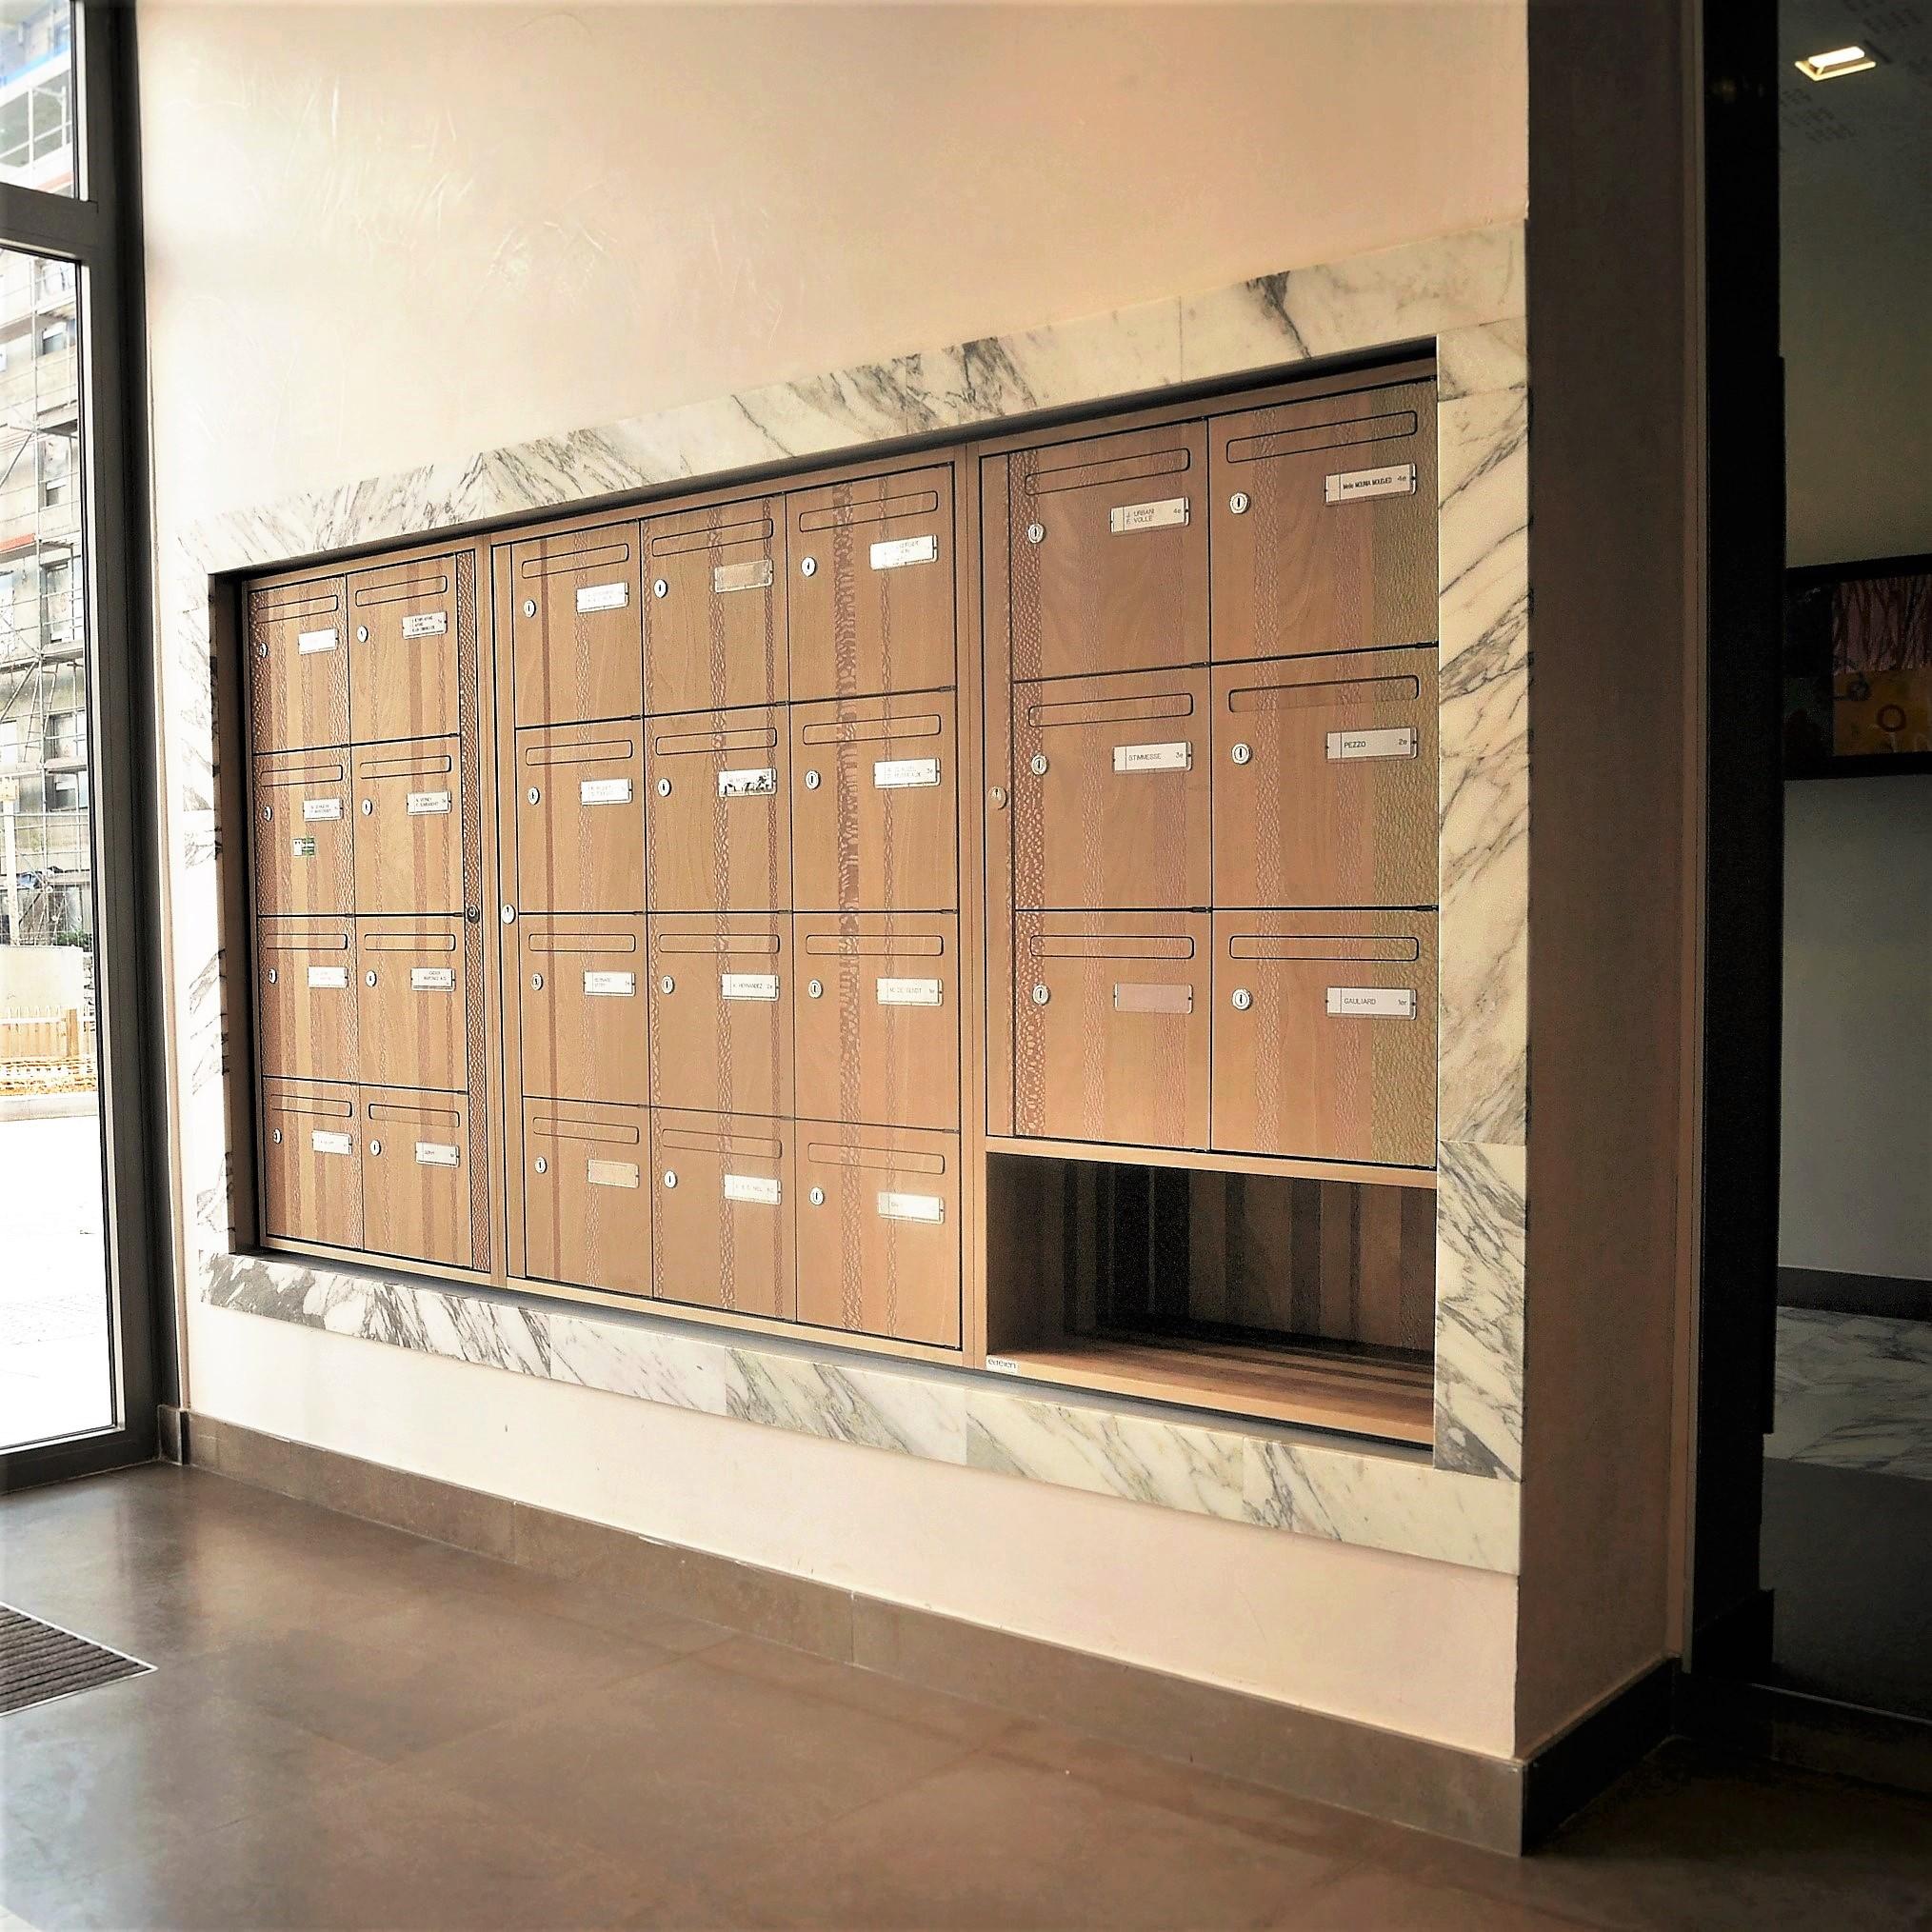 Boites aux lettres Elégance 4 avec placage bois Marotte collection Bayadere